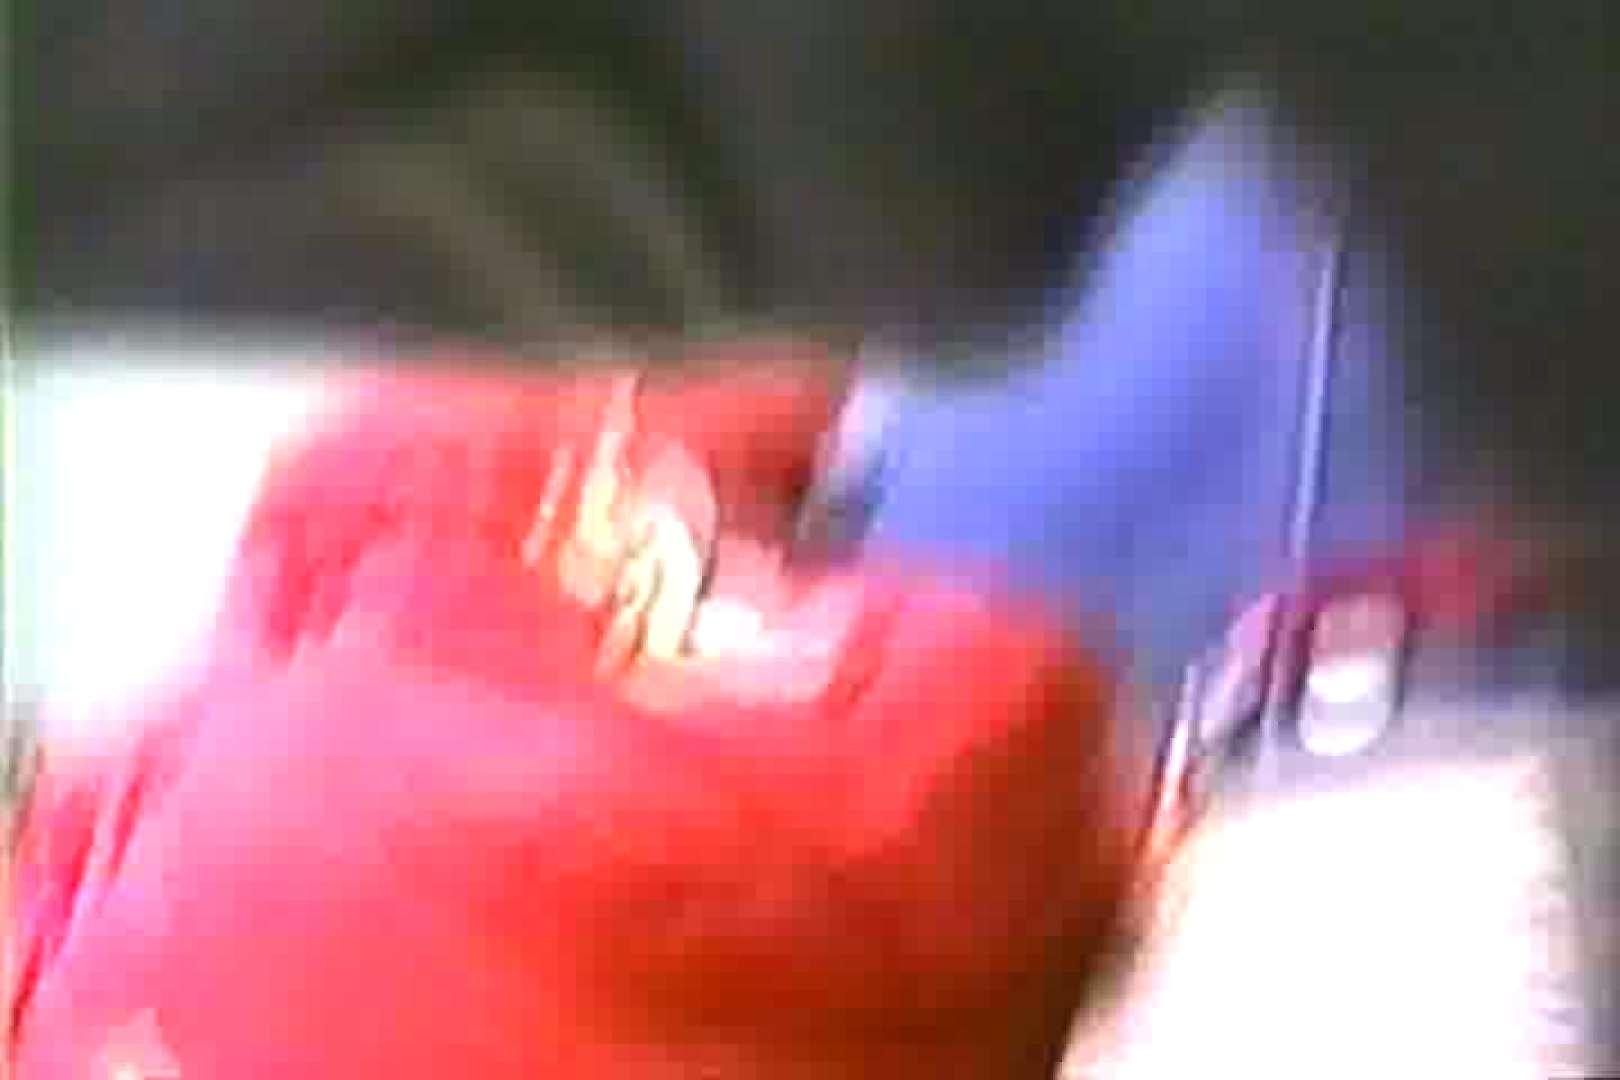 「ちくりん」さんのオリジナル未編集パンチラVol.9_02 パンチラ 覗きオメコ動画キャプチャ 65連発 11